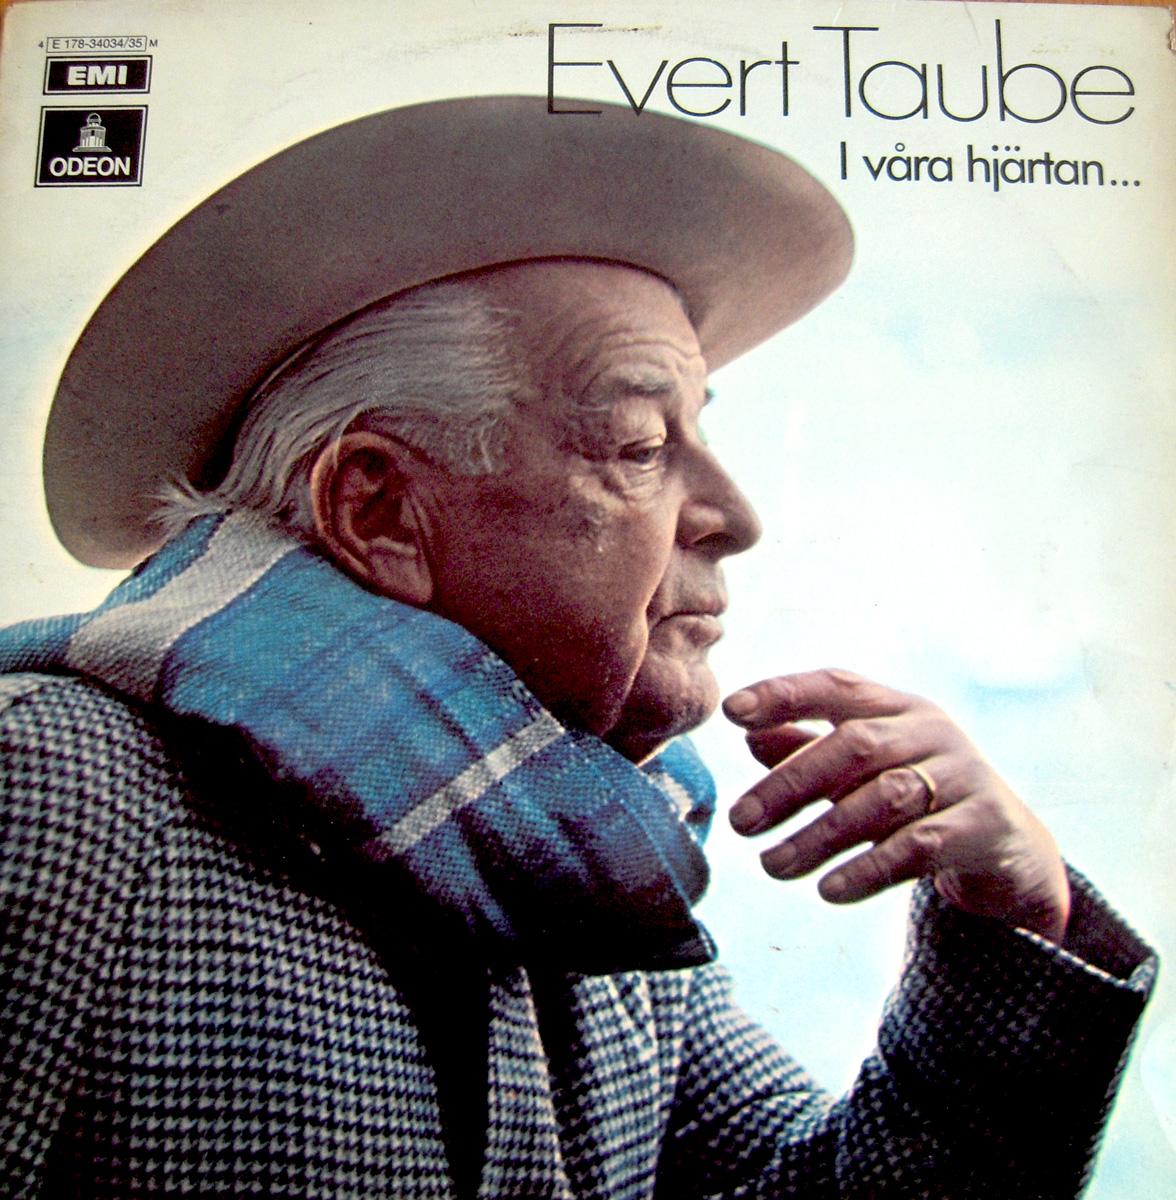 Evert Taube - I våra hjärtan